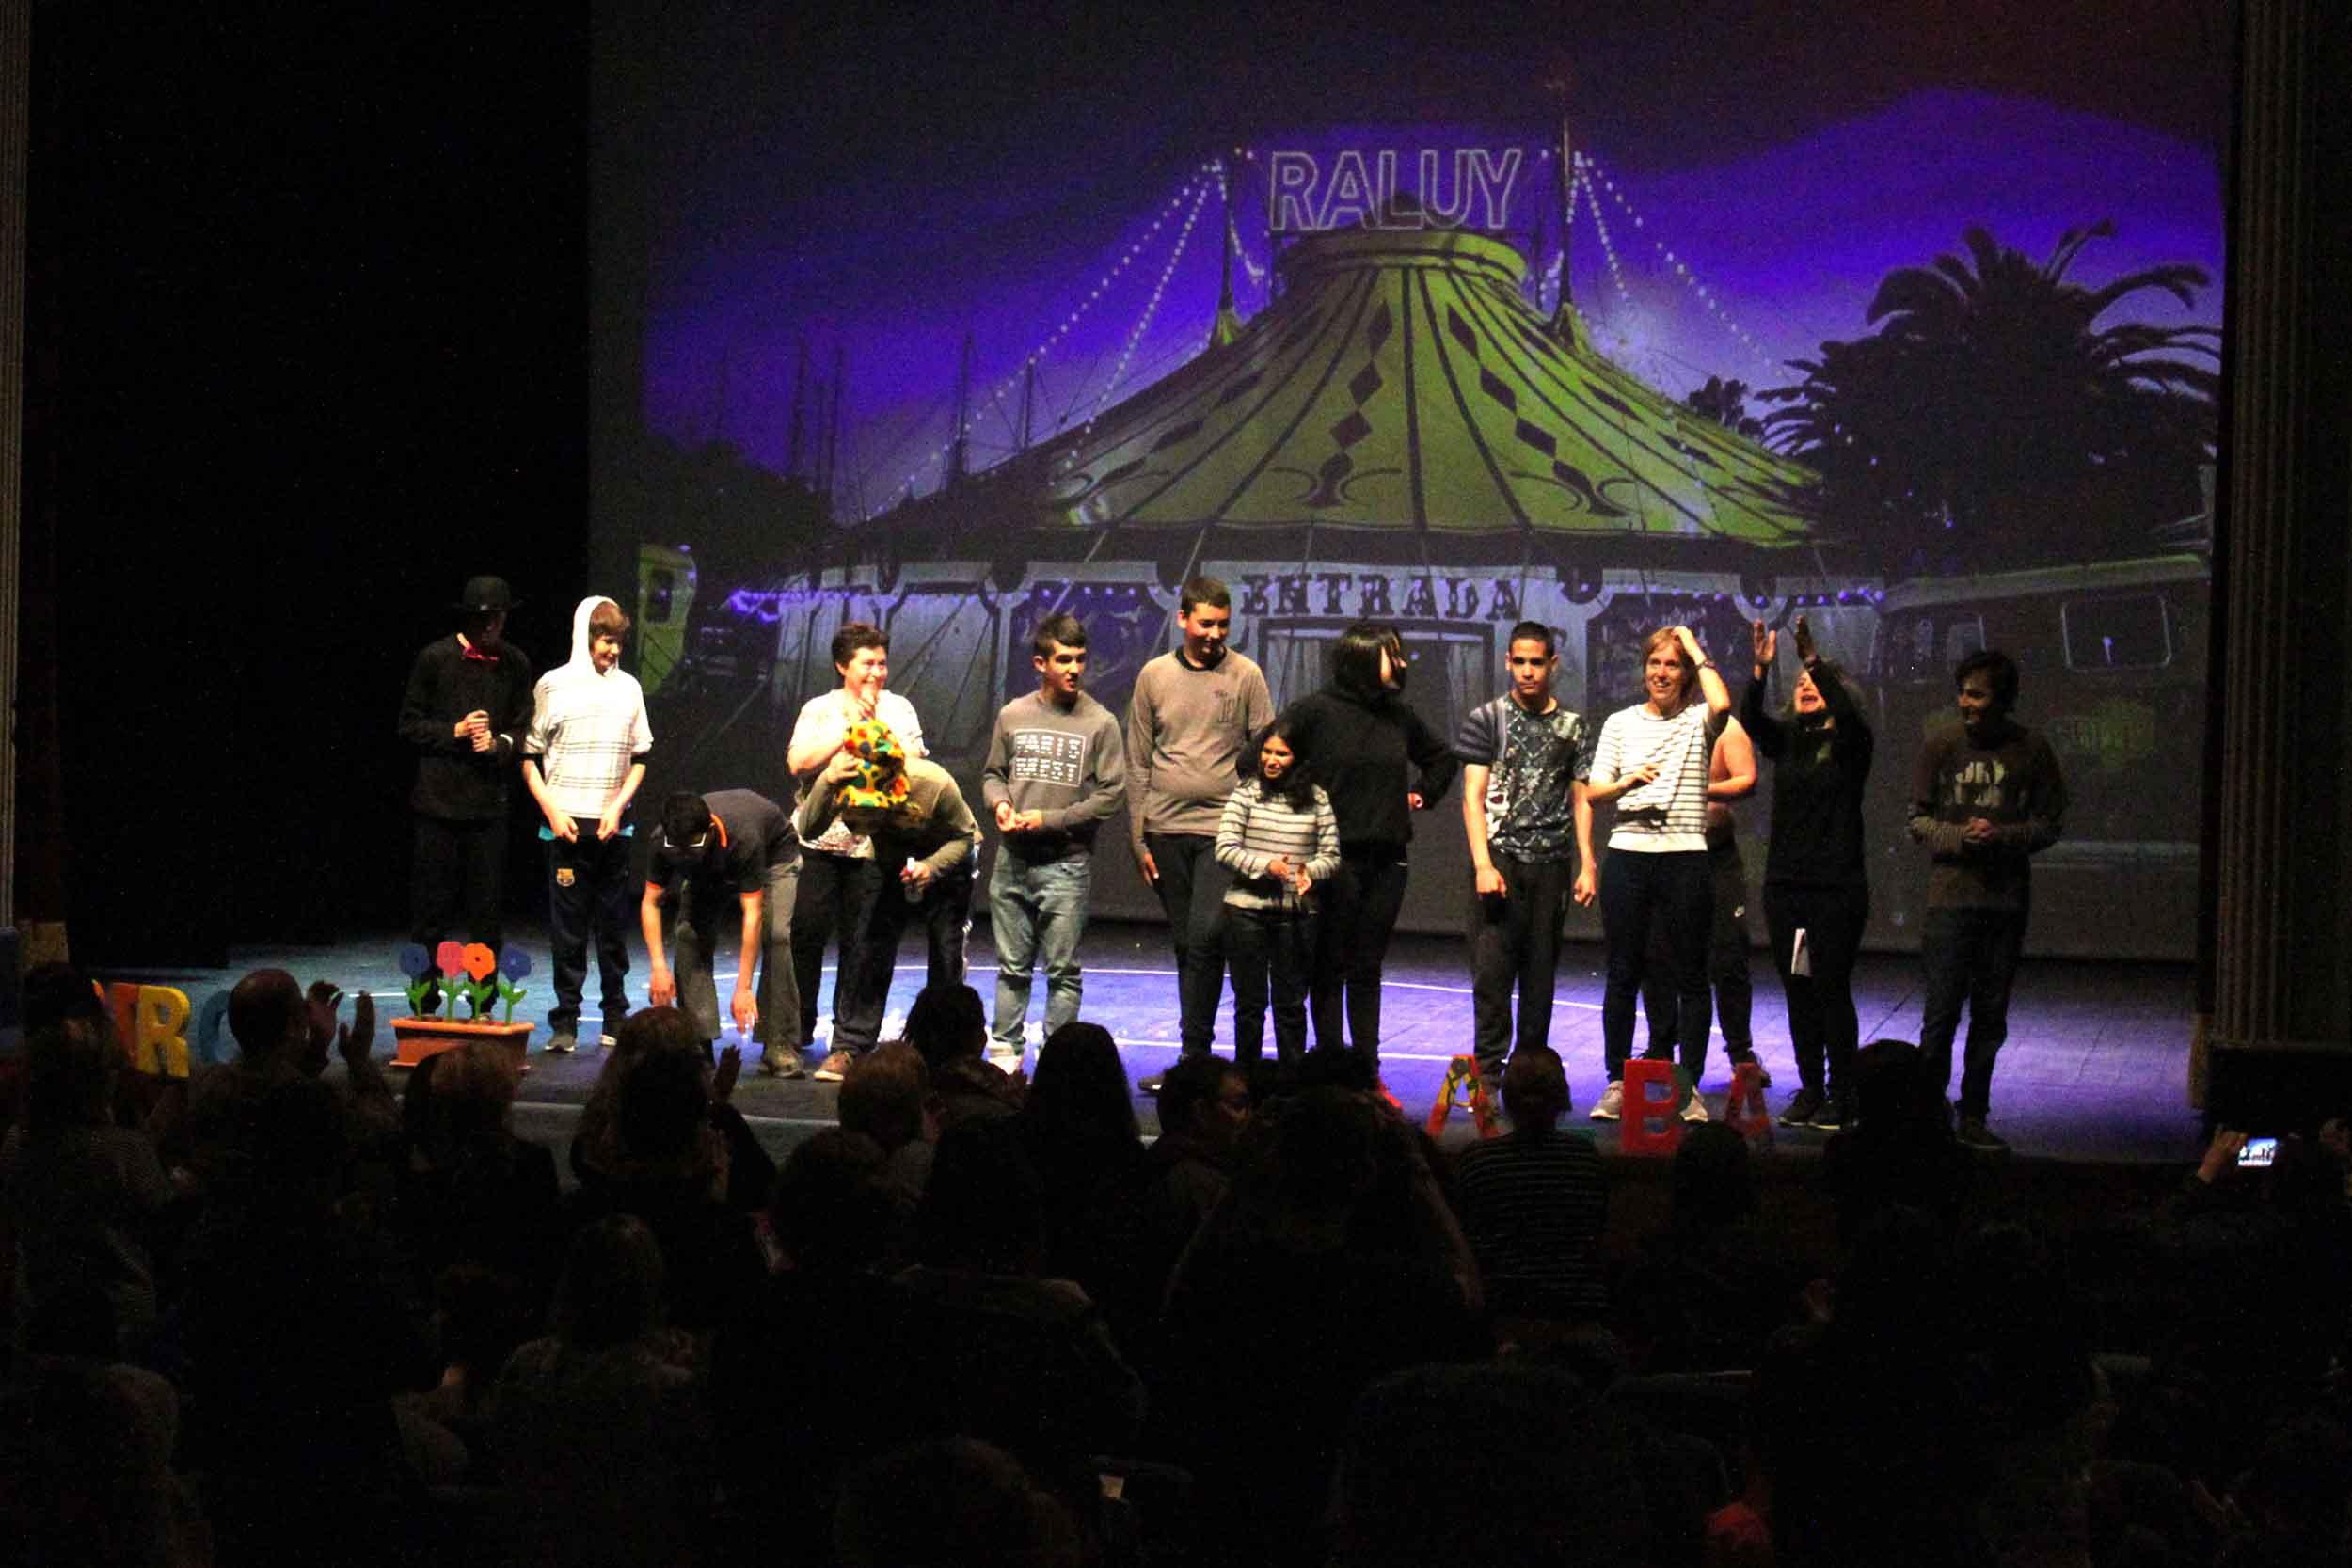 Èxit de la 1a Mostra Escolar de Teatre de Tàrrega, iniciativa pedagògica que fomenta les arts escèniques entre els joves